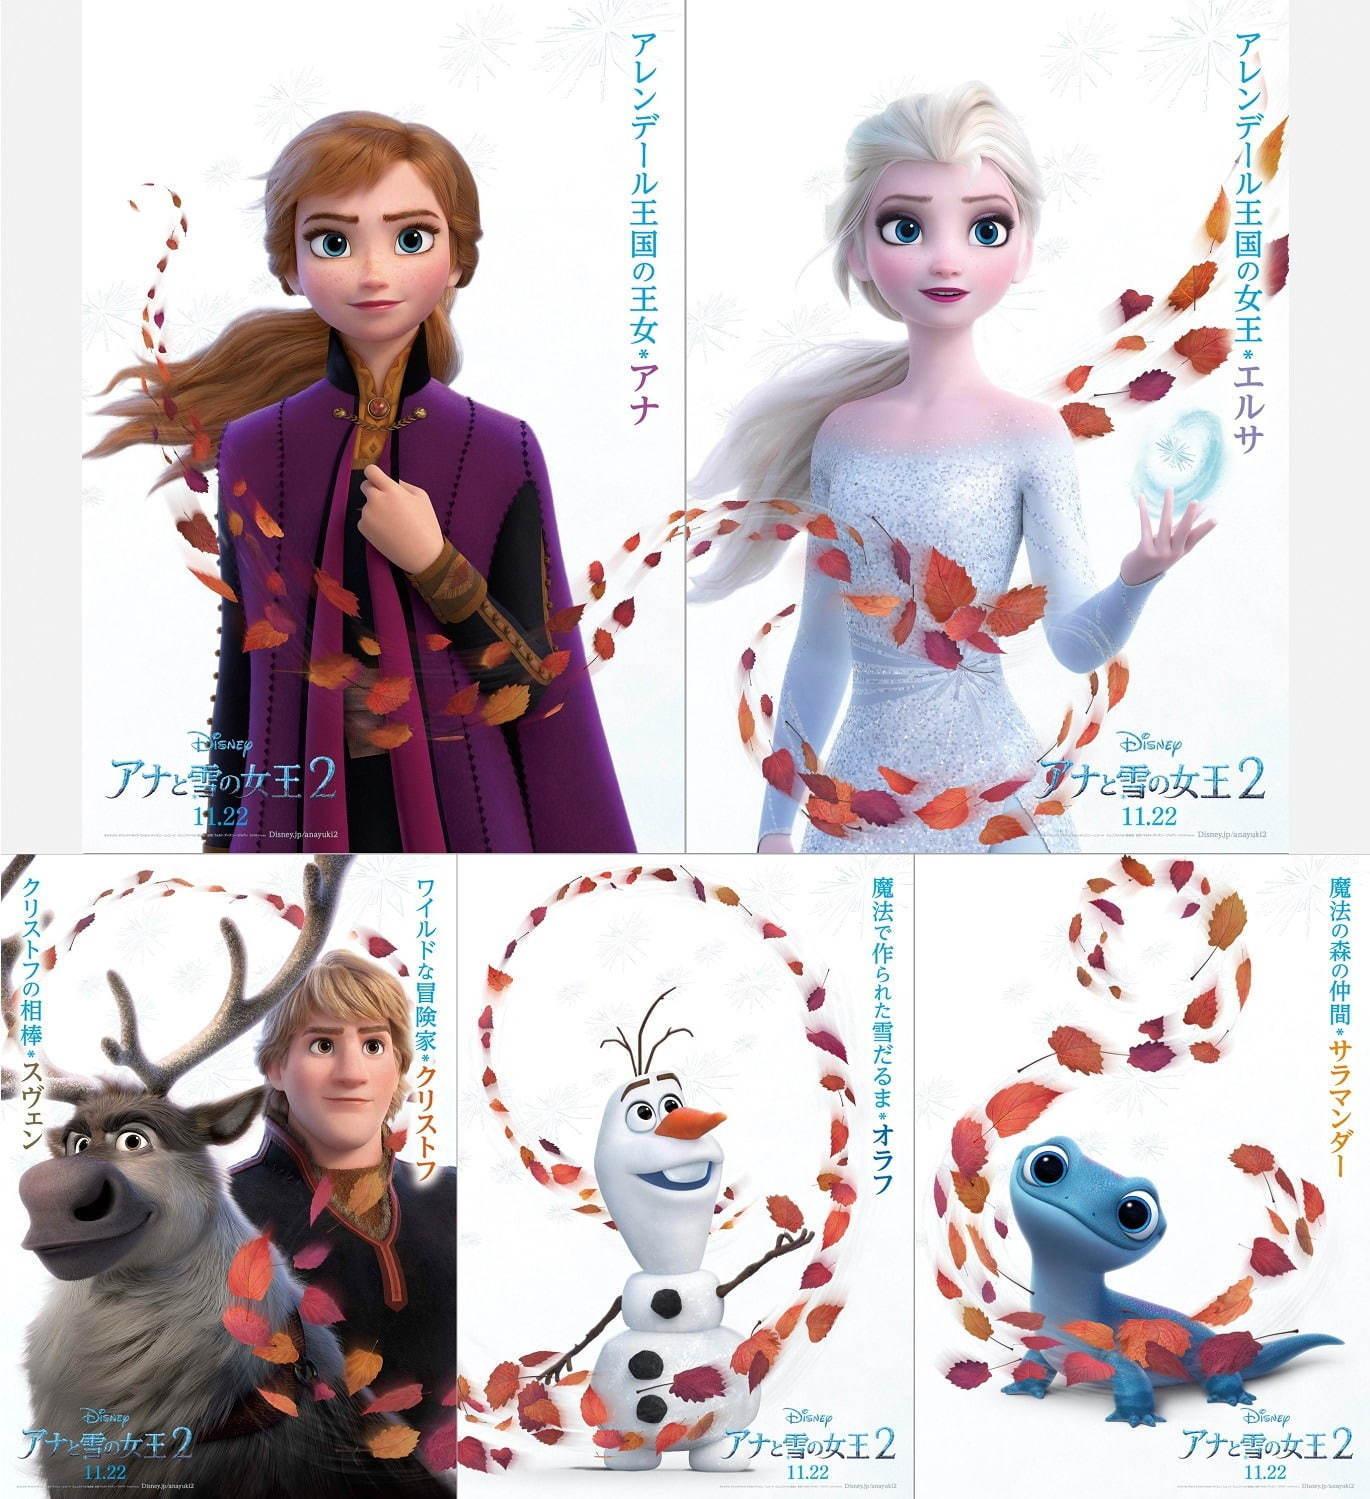 映画 アナと雪の女王2 アナ エルサのwヒロイン再び 制作陣も再集結